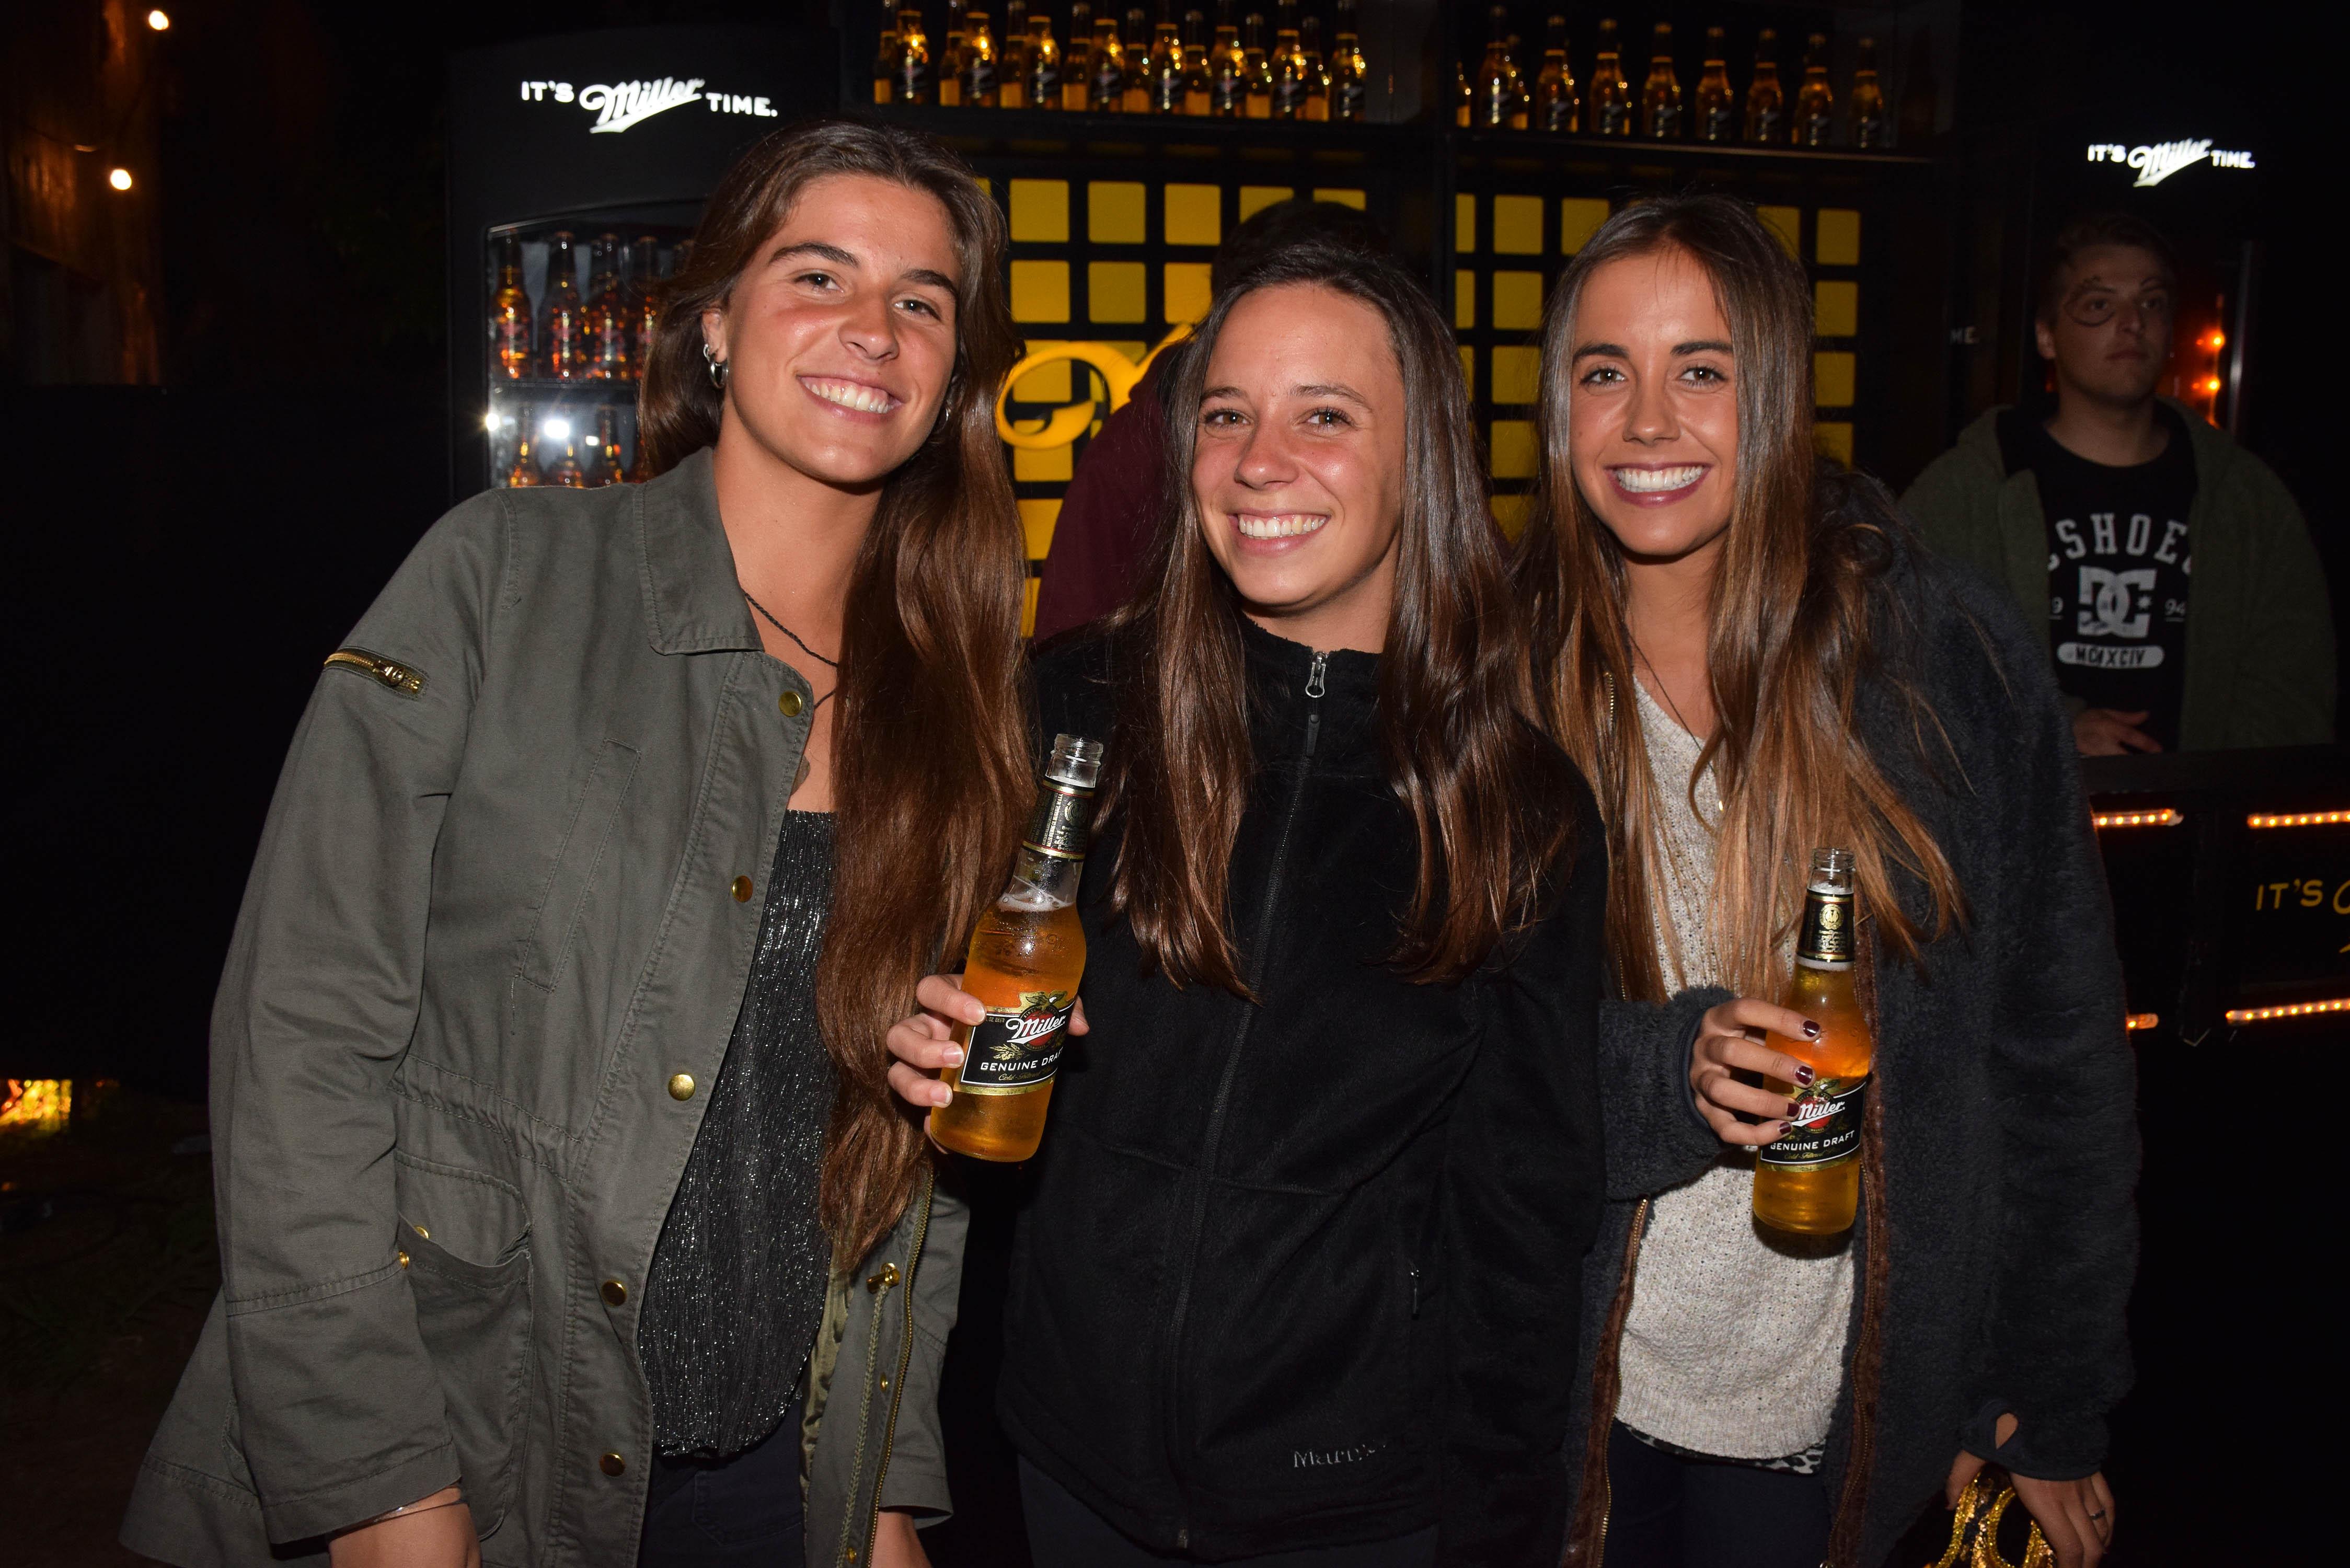 María Jesús Parro, Paloma Echeverría y Catalina Gellona.4JPG